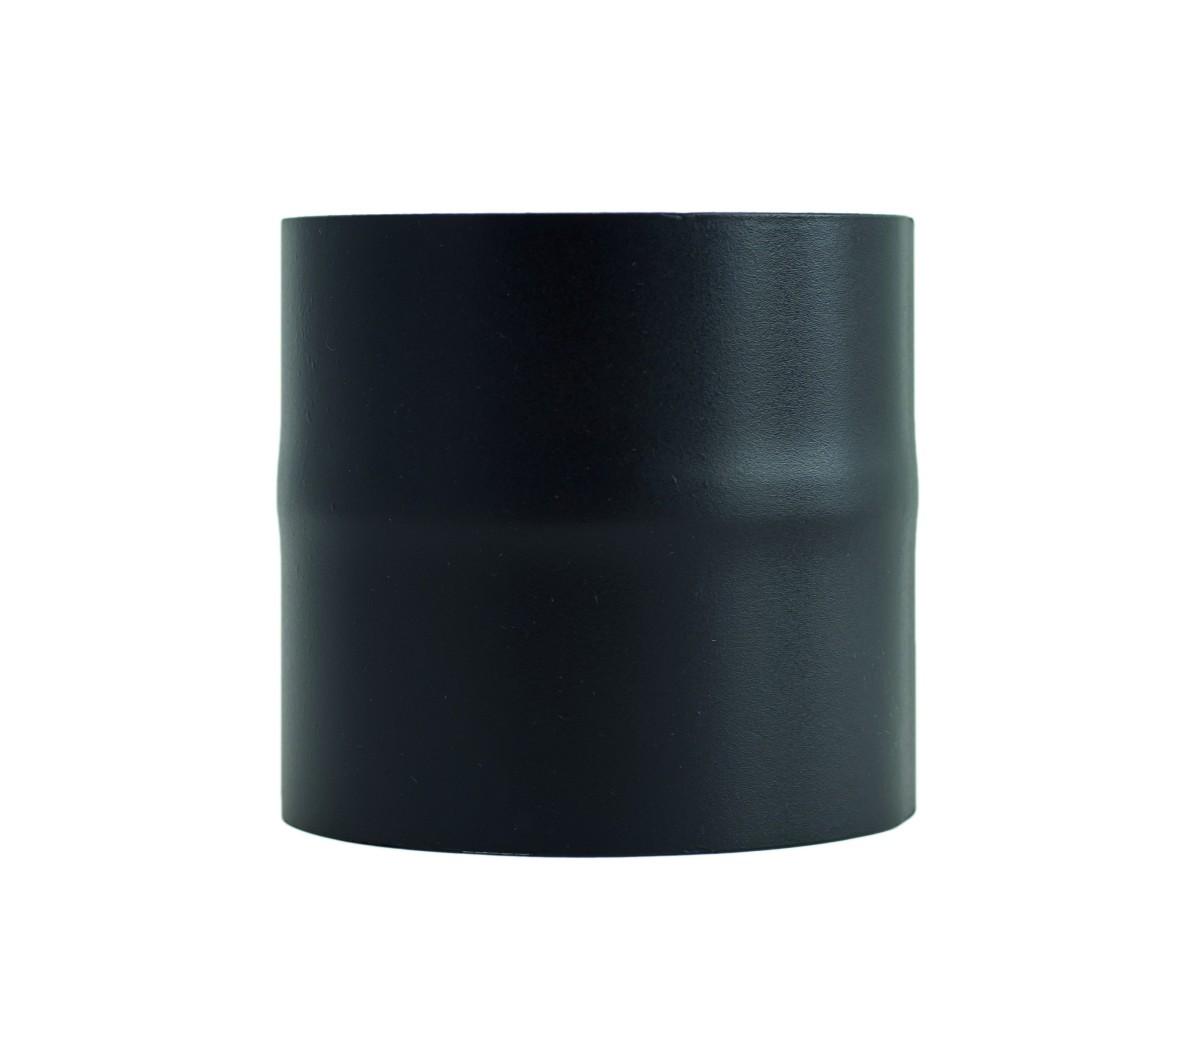 Manguito hembra-hembra 125 mm